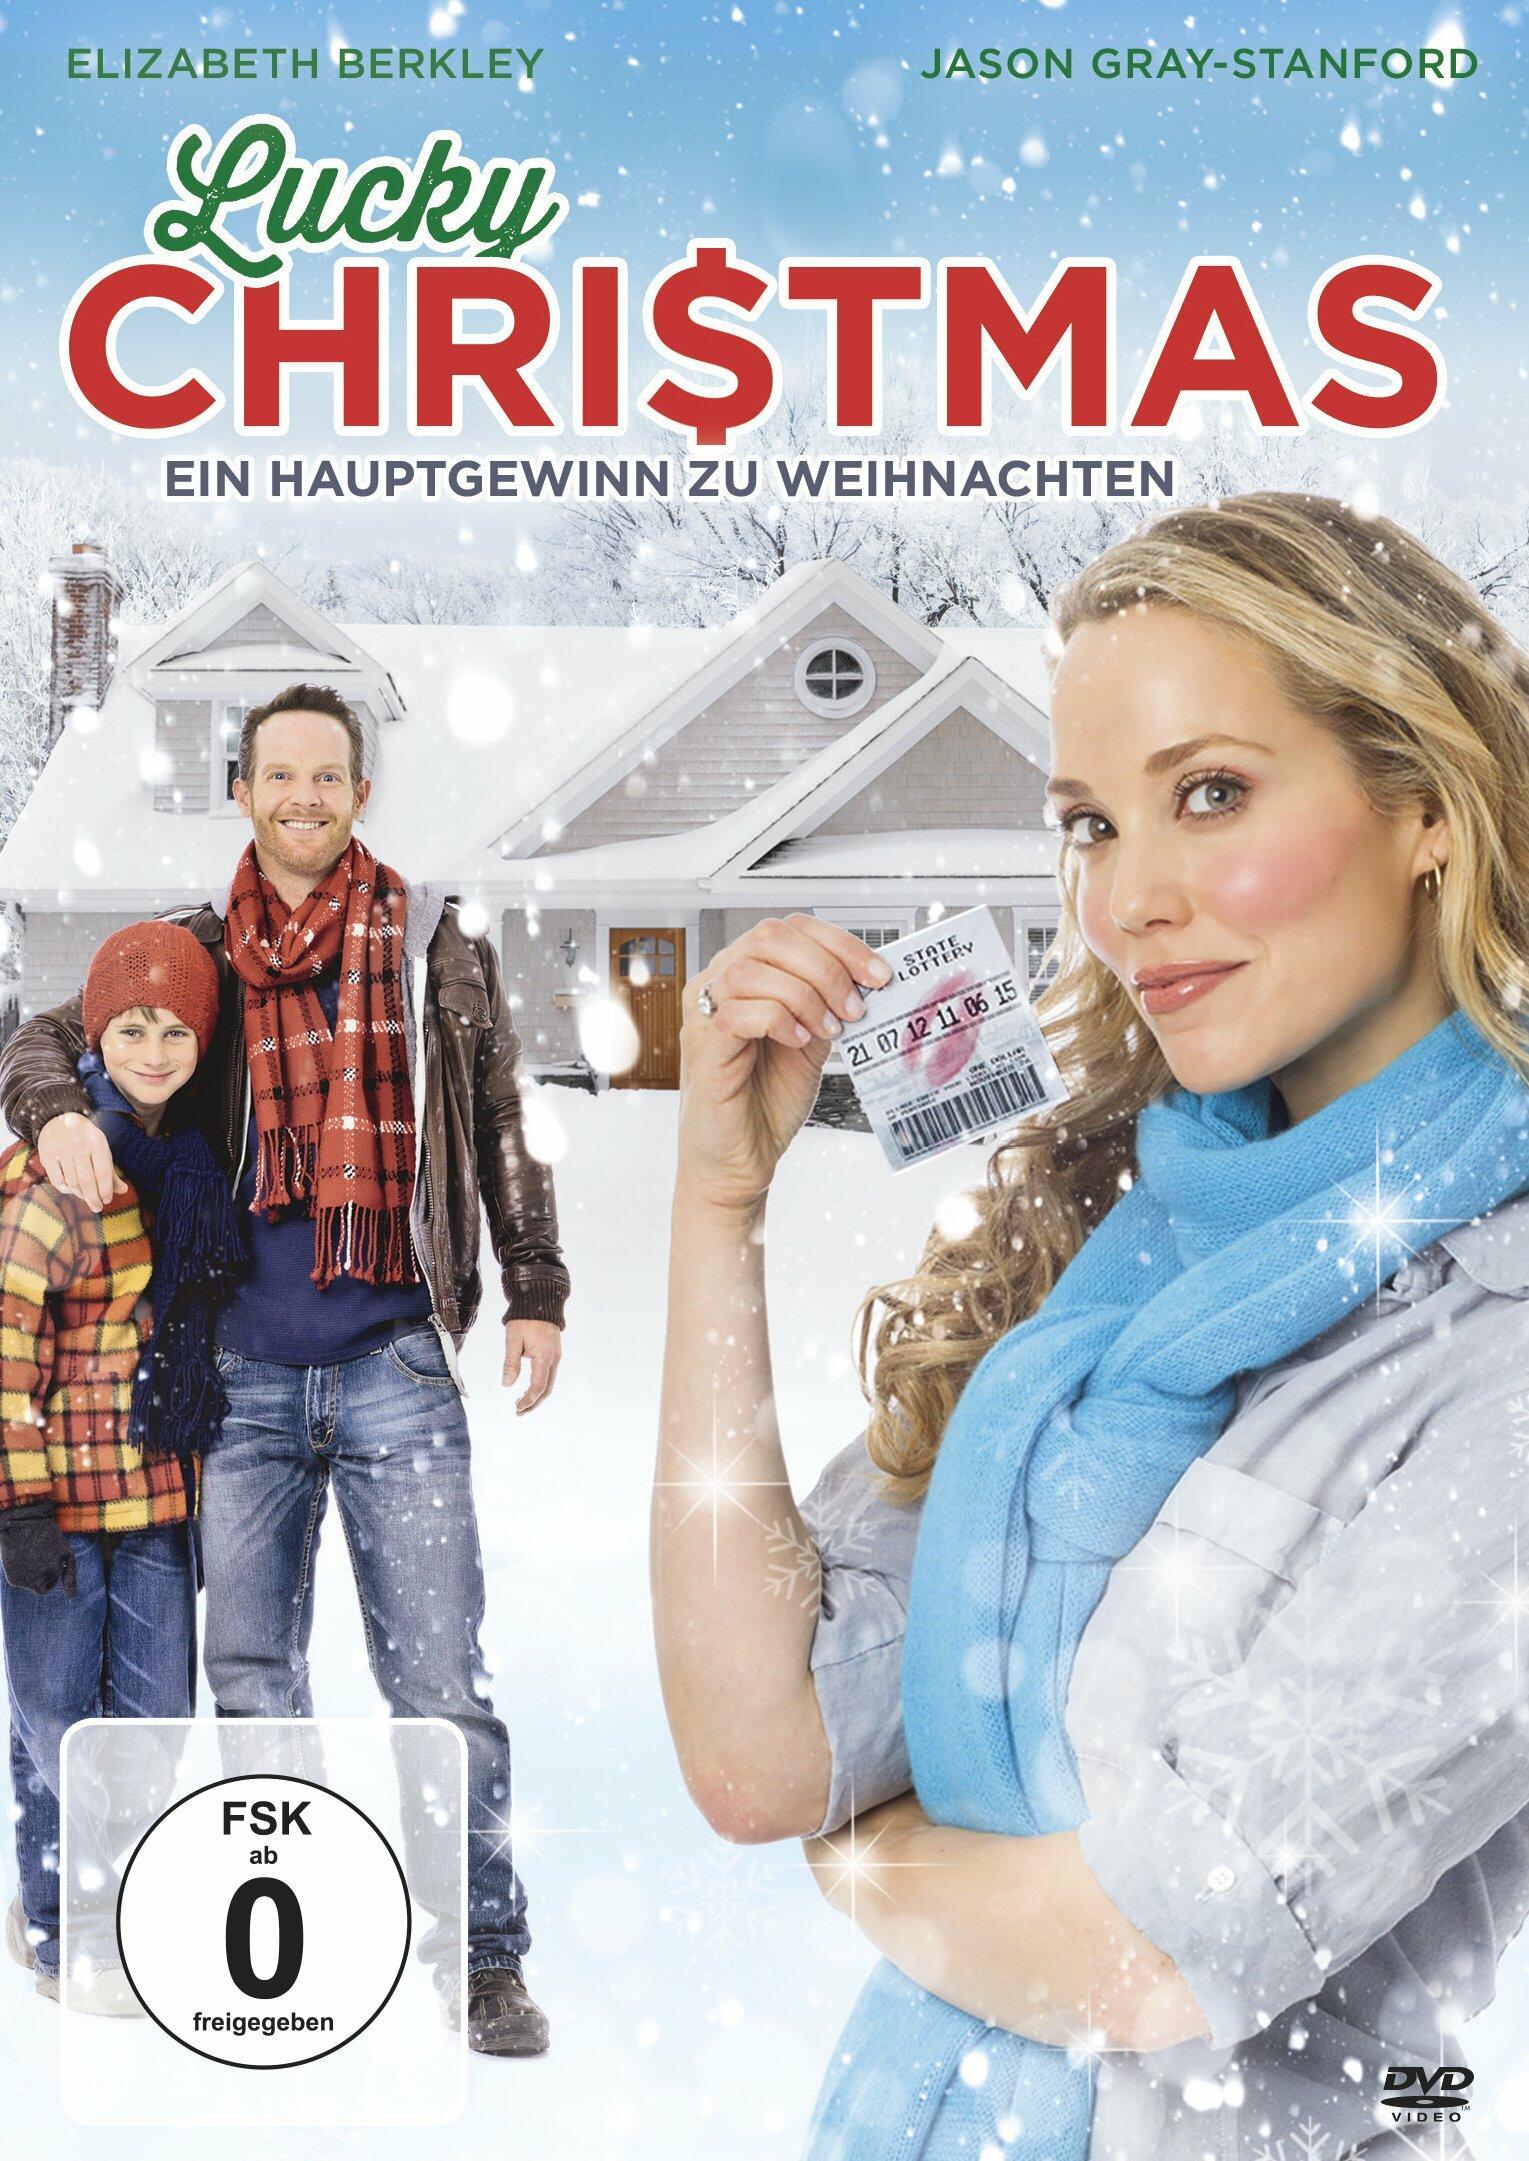 Lucky Christmas - Ein Hauptgewinn zu Weihnachten | Film 2011 ...